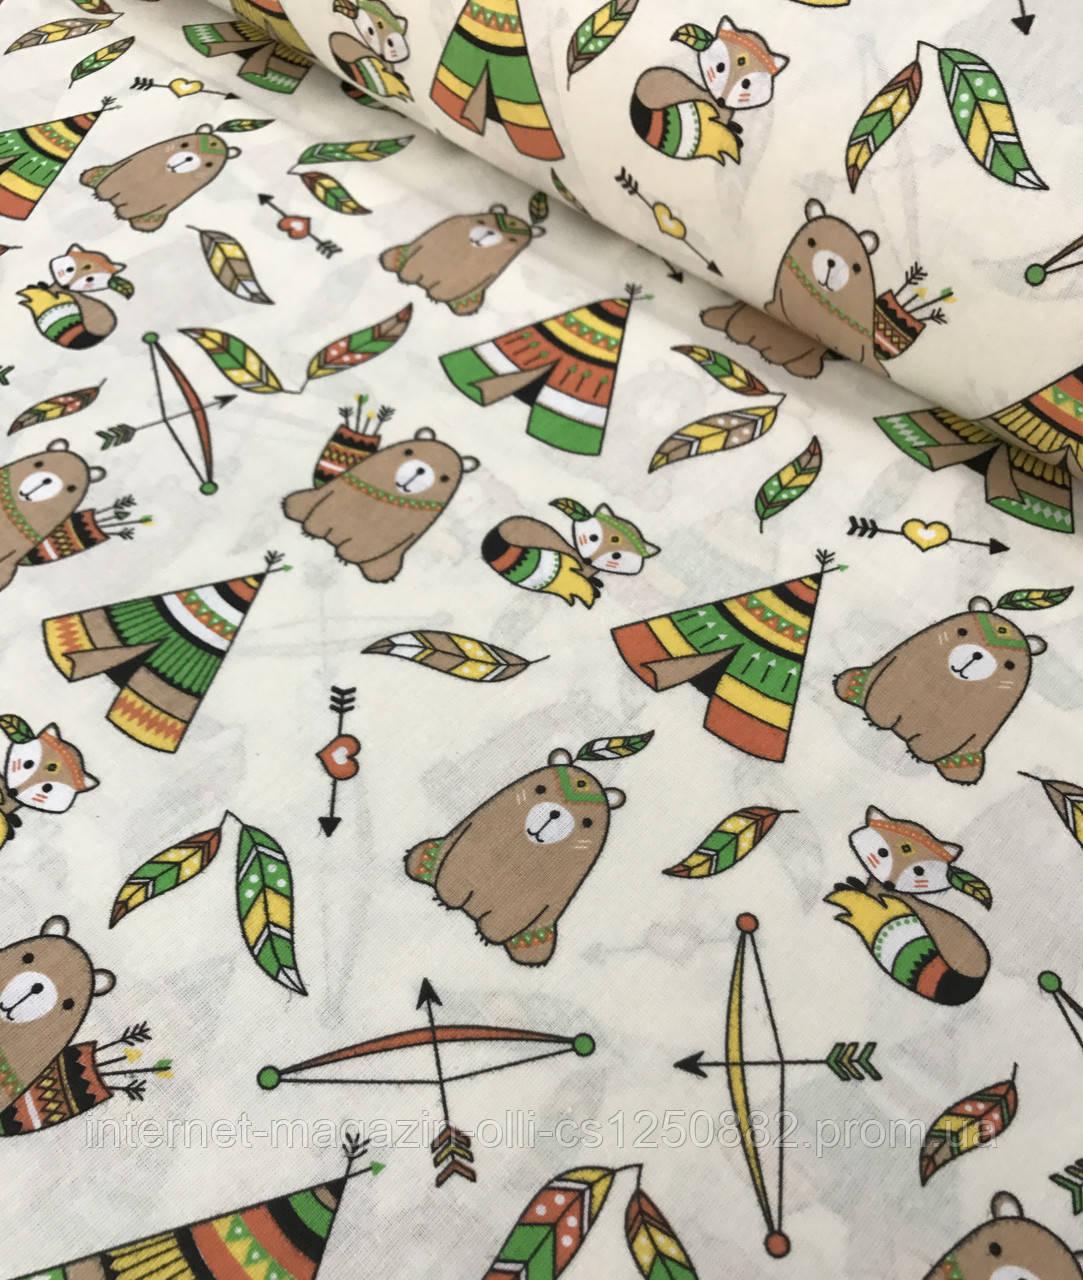 Хлопковая ткань польская типи с мишками бежево-зеленые на молочном №597